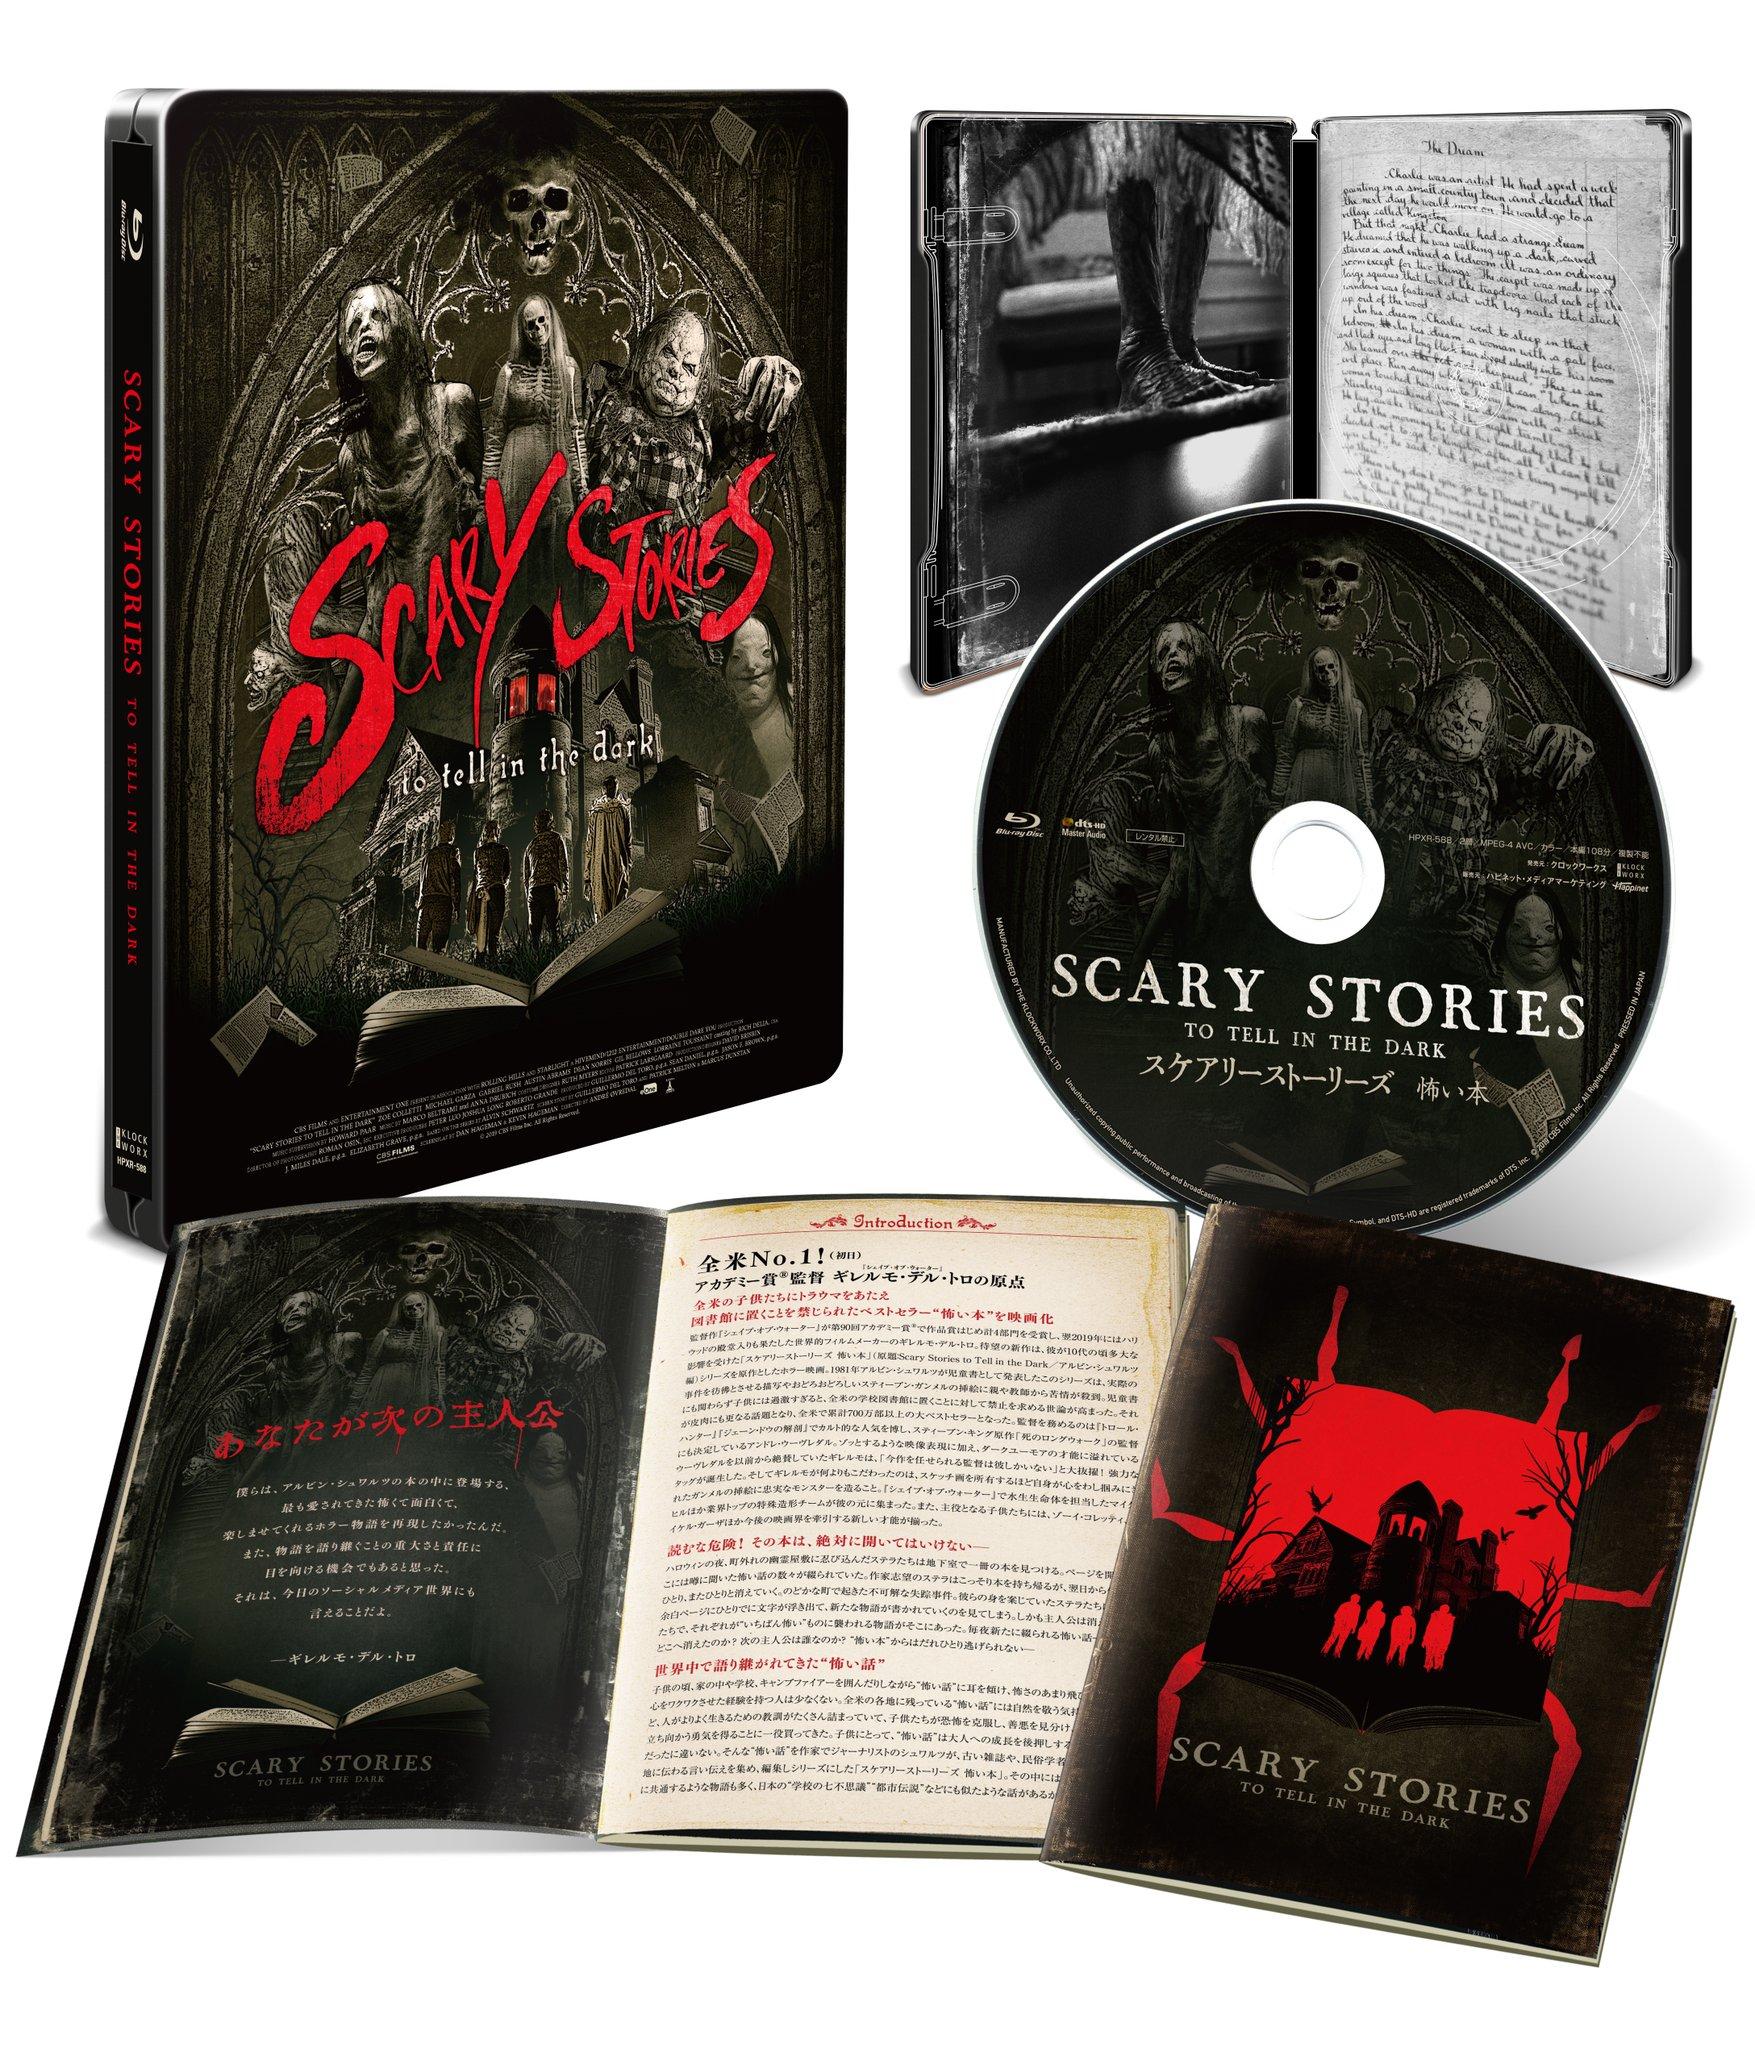 スケアリーストーリーズ 怖い本 スチールブック Scary Stories to Tell in the Dark Japan JP steelbook